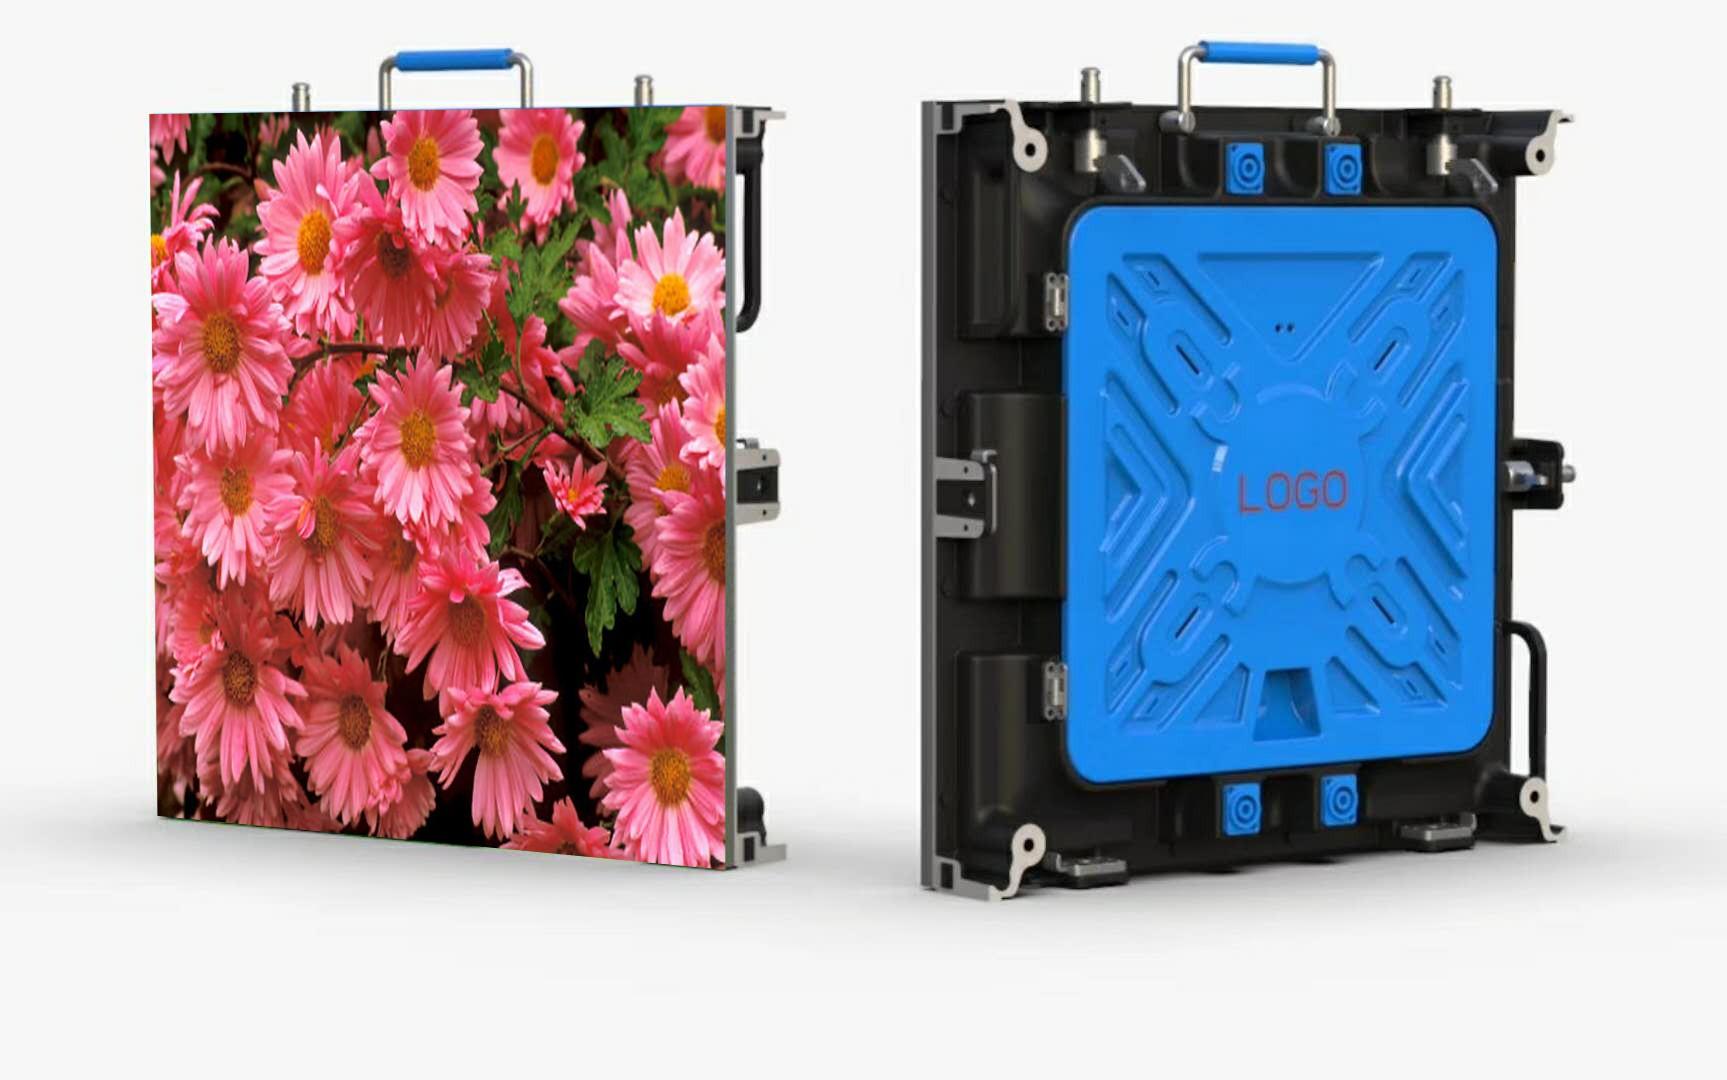 HD P1.25 indoor display screen Manufacturers, HD P1.25 indoor display screen Factory, Supply HD P1.25 indoor display screen